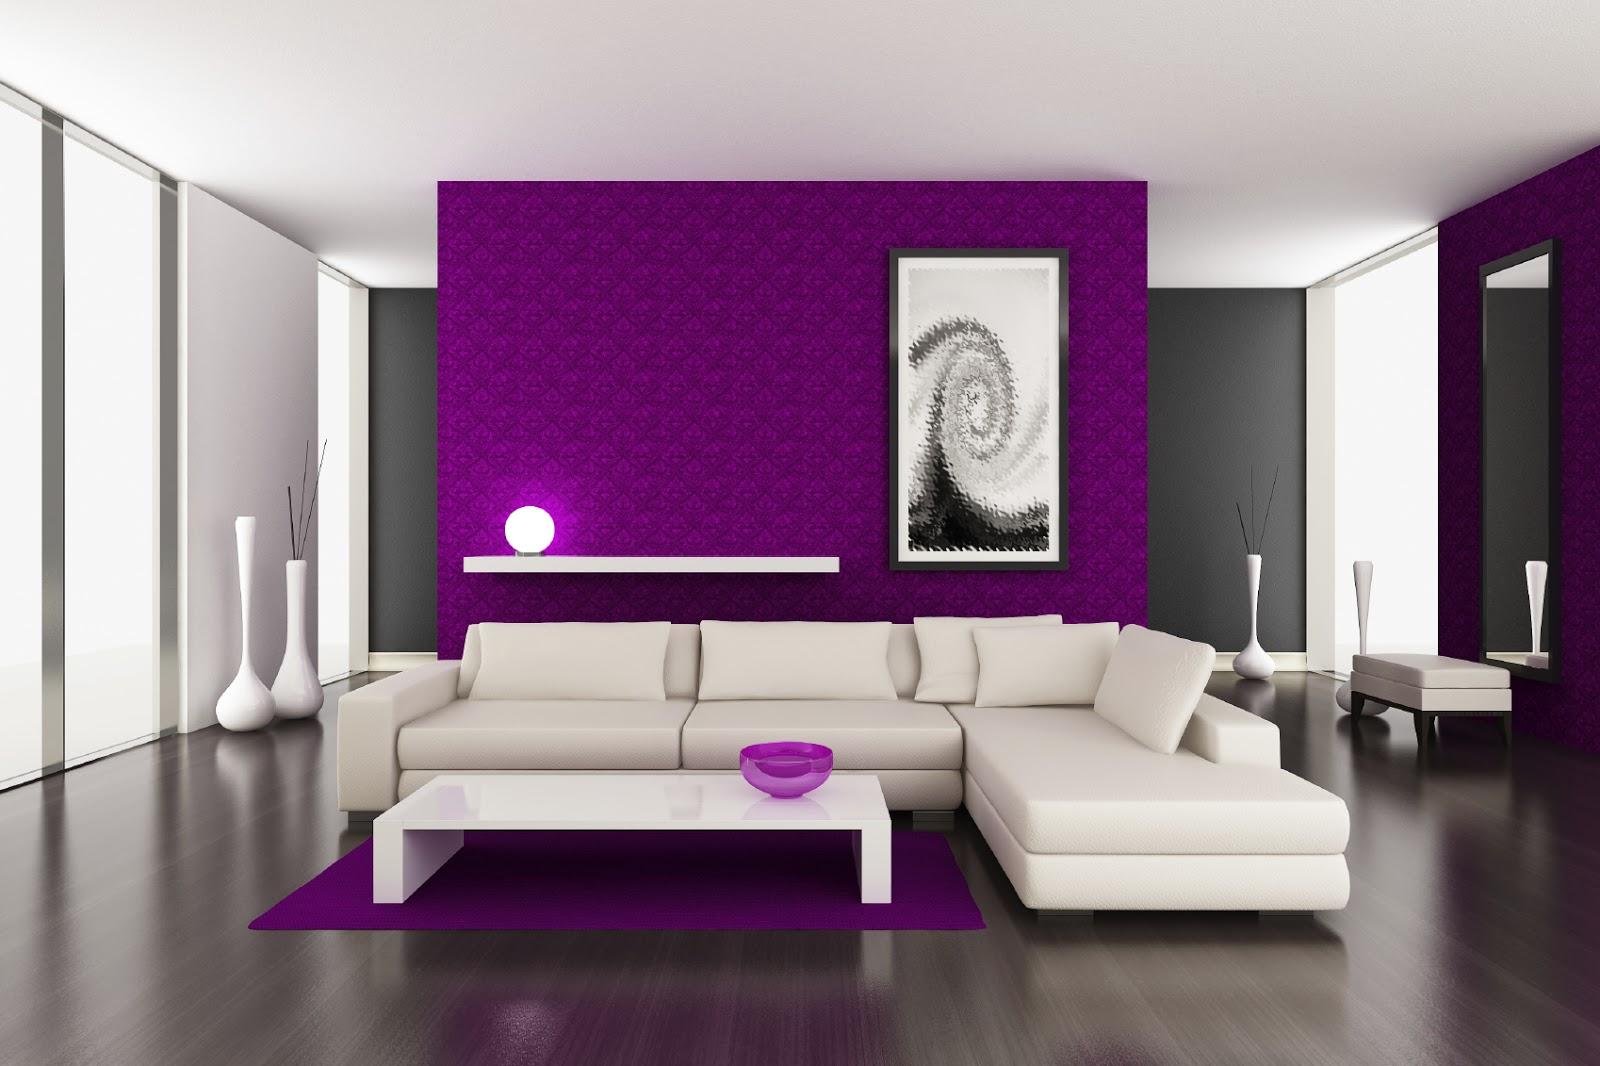 Выделение перегородки в комнате при помощи ярких обоев - популярный вариант отделки в стиле минимализм